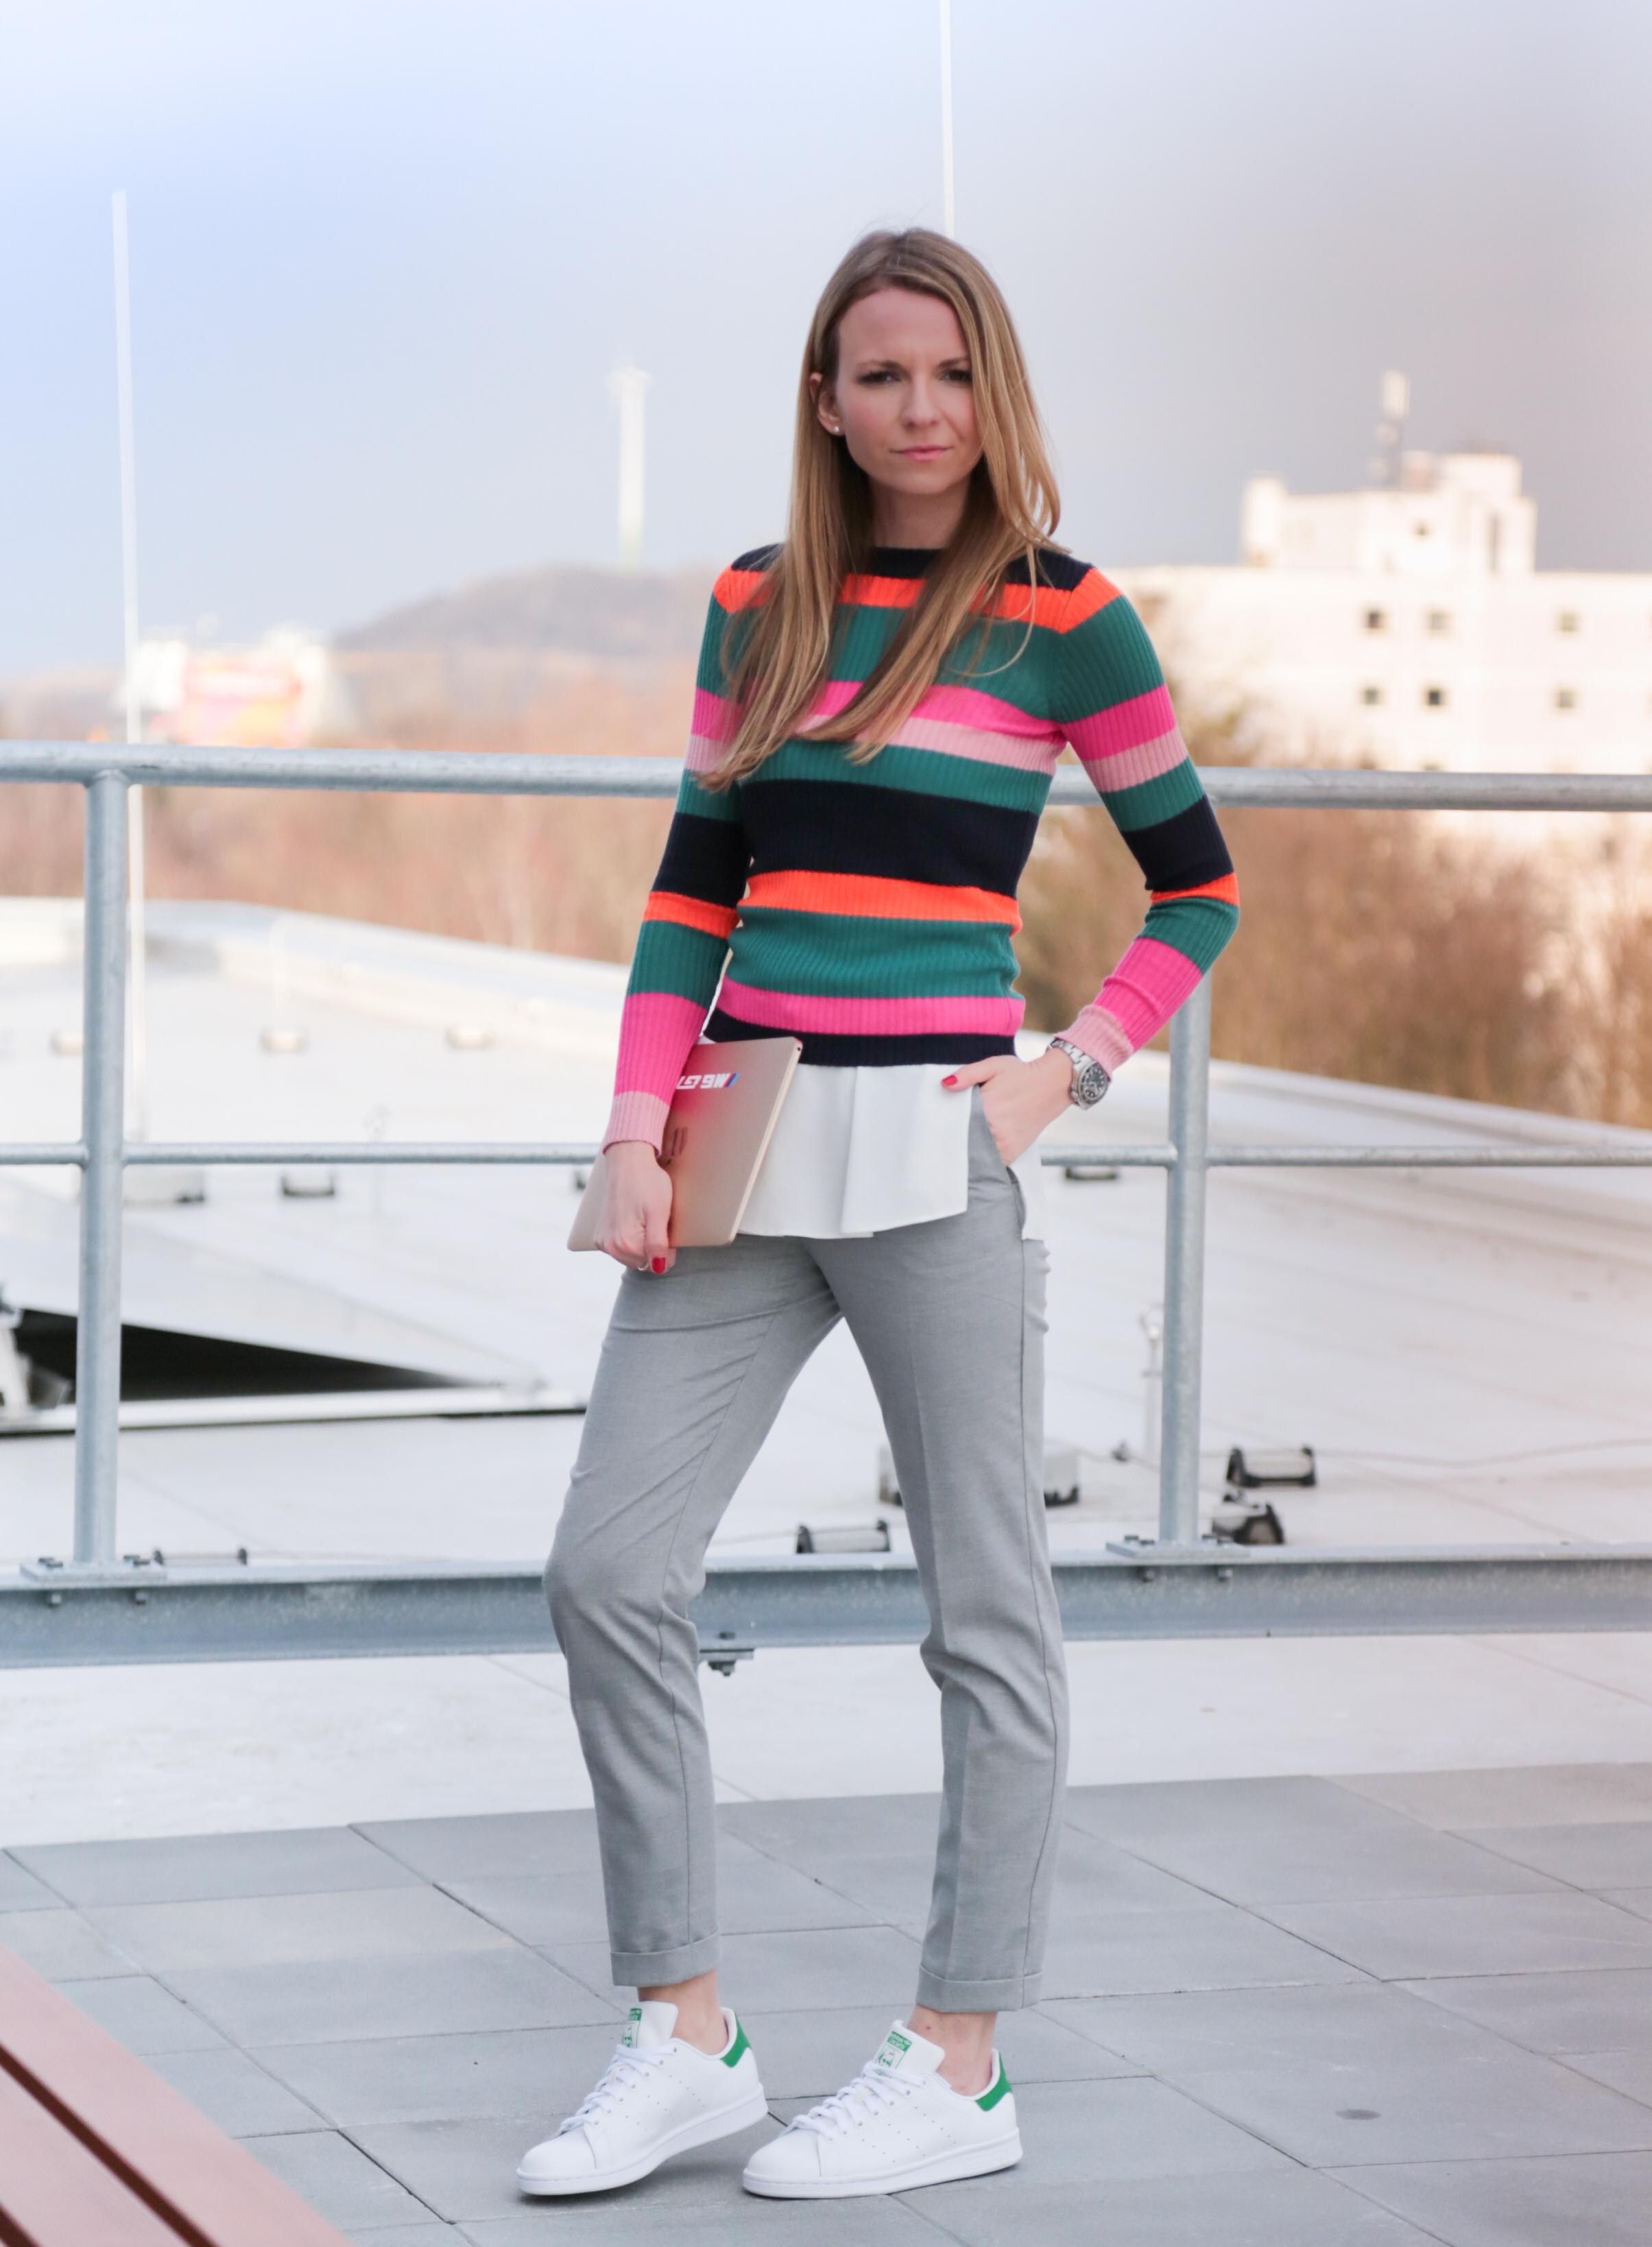 Eure häufig gestellten Fragen - Q&A Outfit Fashion Adidas Sneaker Laptop Apple MacBook StanSmith Zara Edited Jennifer PepperAndGold Questions Questionaire Mode